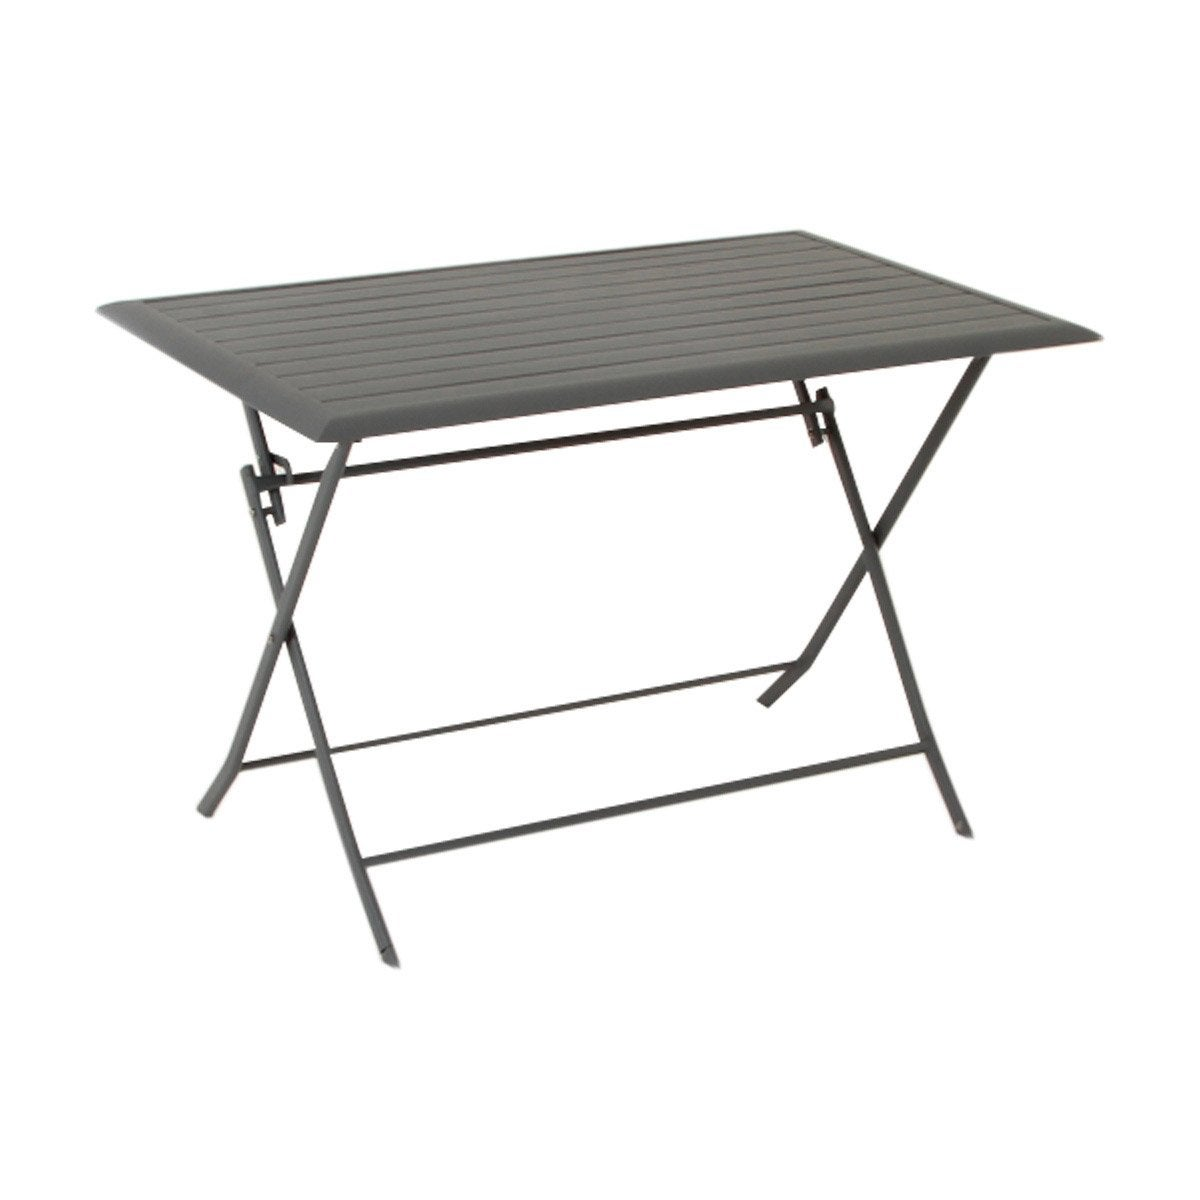 table de jardin hesperide azua rectangulaire ardoise 4. Black Bedroom Furniture Sets. Home Design Ideas